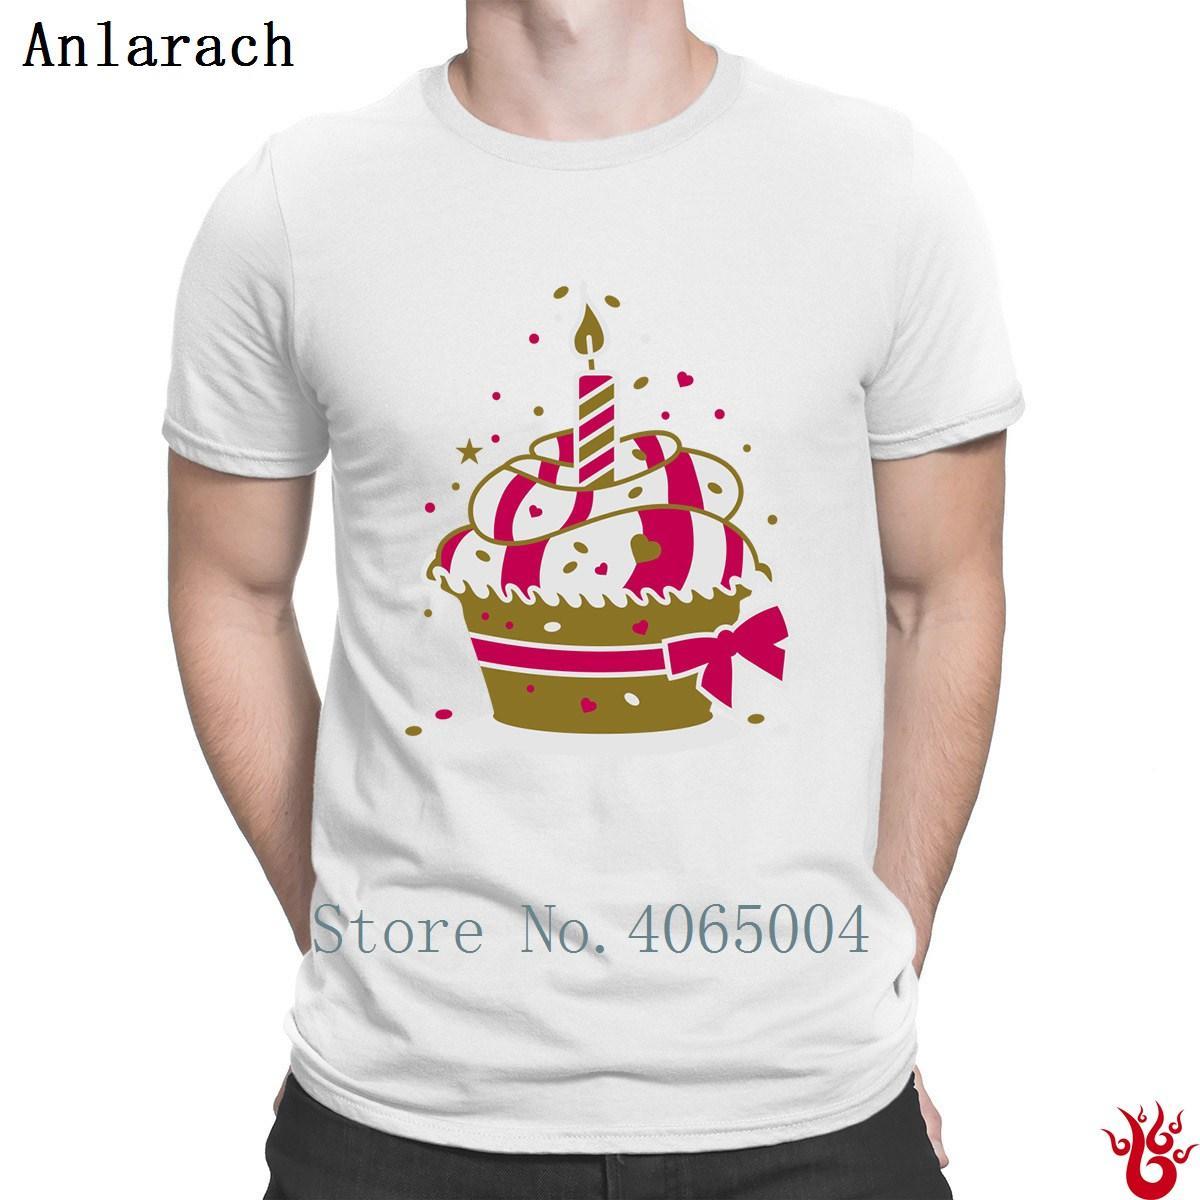 Orijinal Erkekler en Tee Gömlek Yaz HipHop Ilginç Küçük Doğum Günü Pastası Olan Bir Mum Tee Shirtss Yeni Stil Kısa Kollu Ailesi Tops